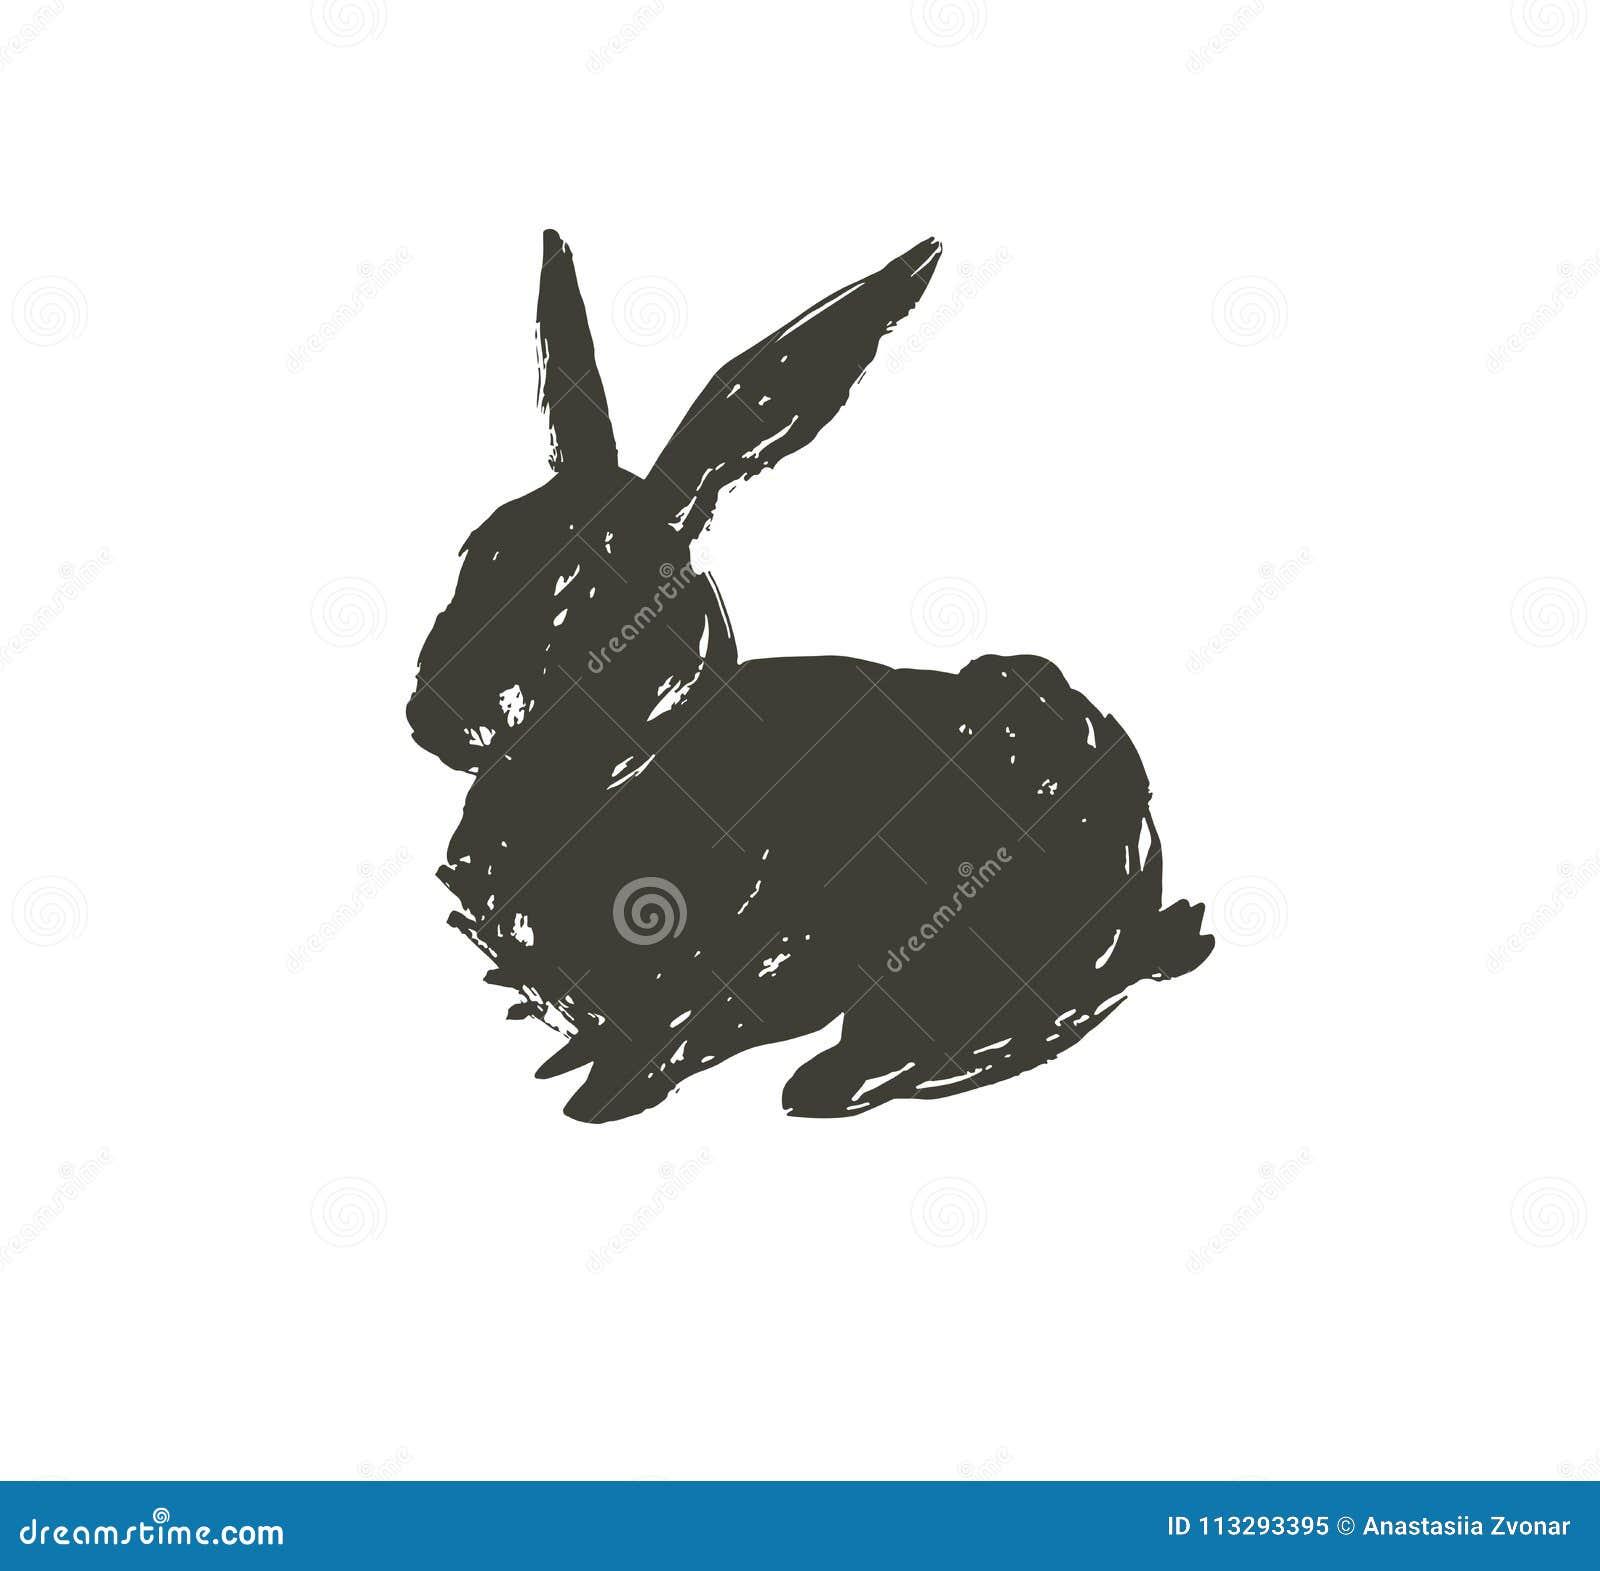 Dé a bosquejo exhausto del extracto del vector el sihouette negro texturizado escandinavo gráfico de la tinta a pulso Pascua feli